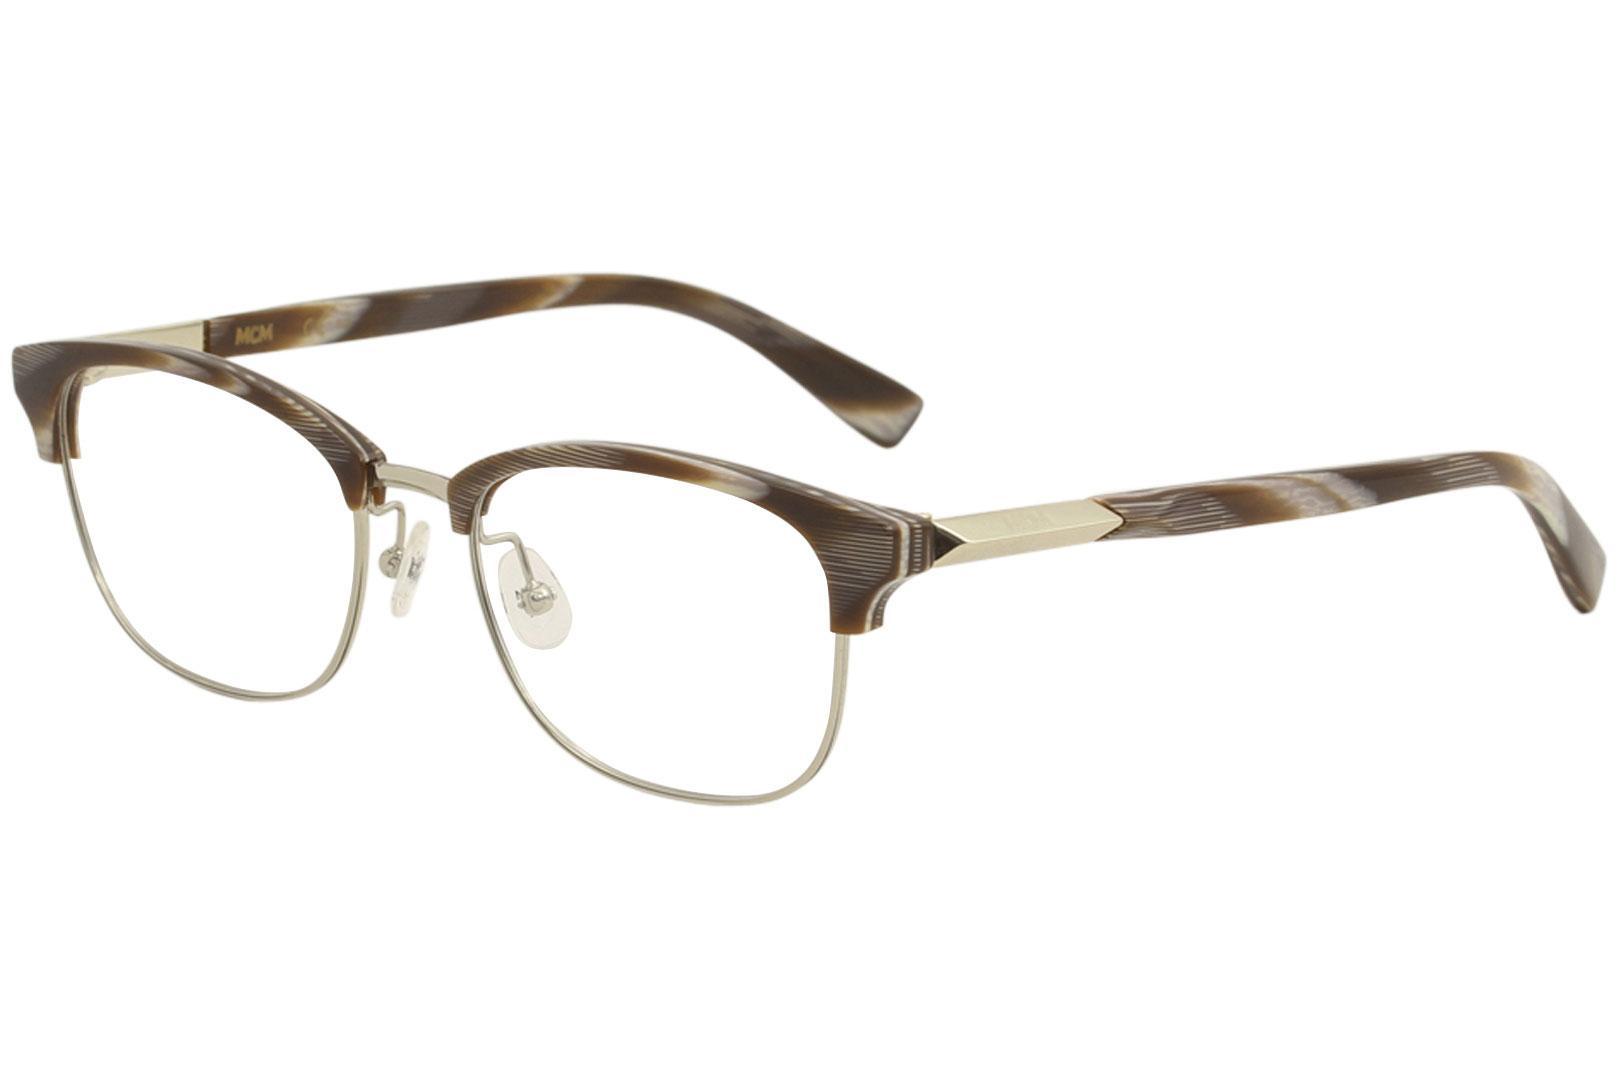 d9257a787f5 MCM Men s Eyeglasses 2100 Full Rim Optical Frame